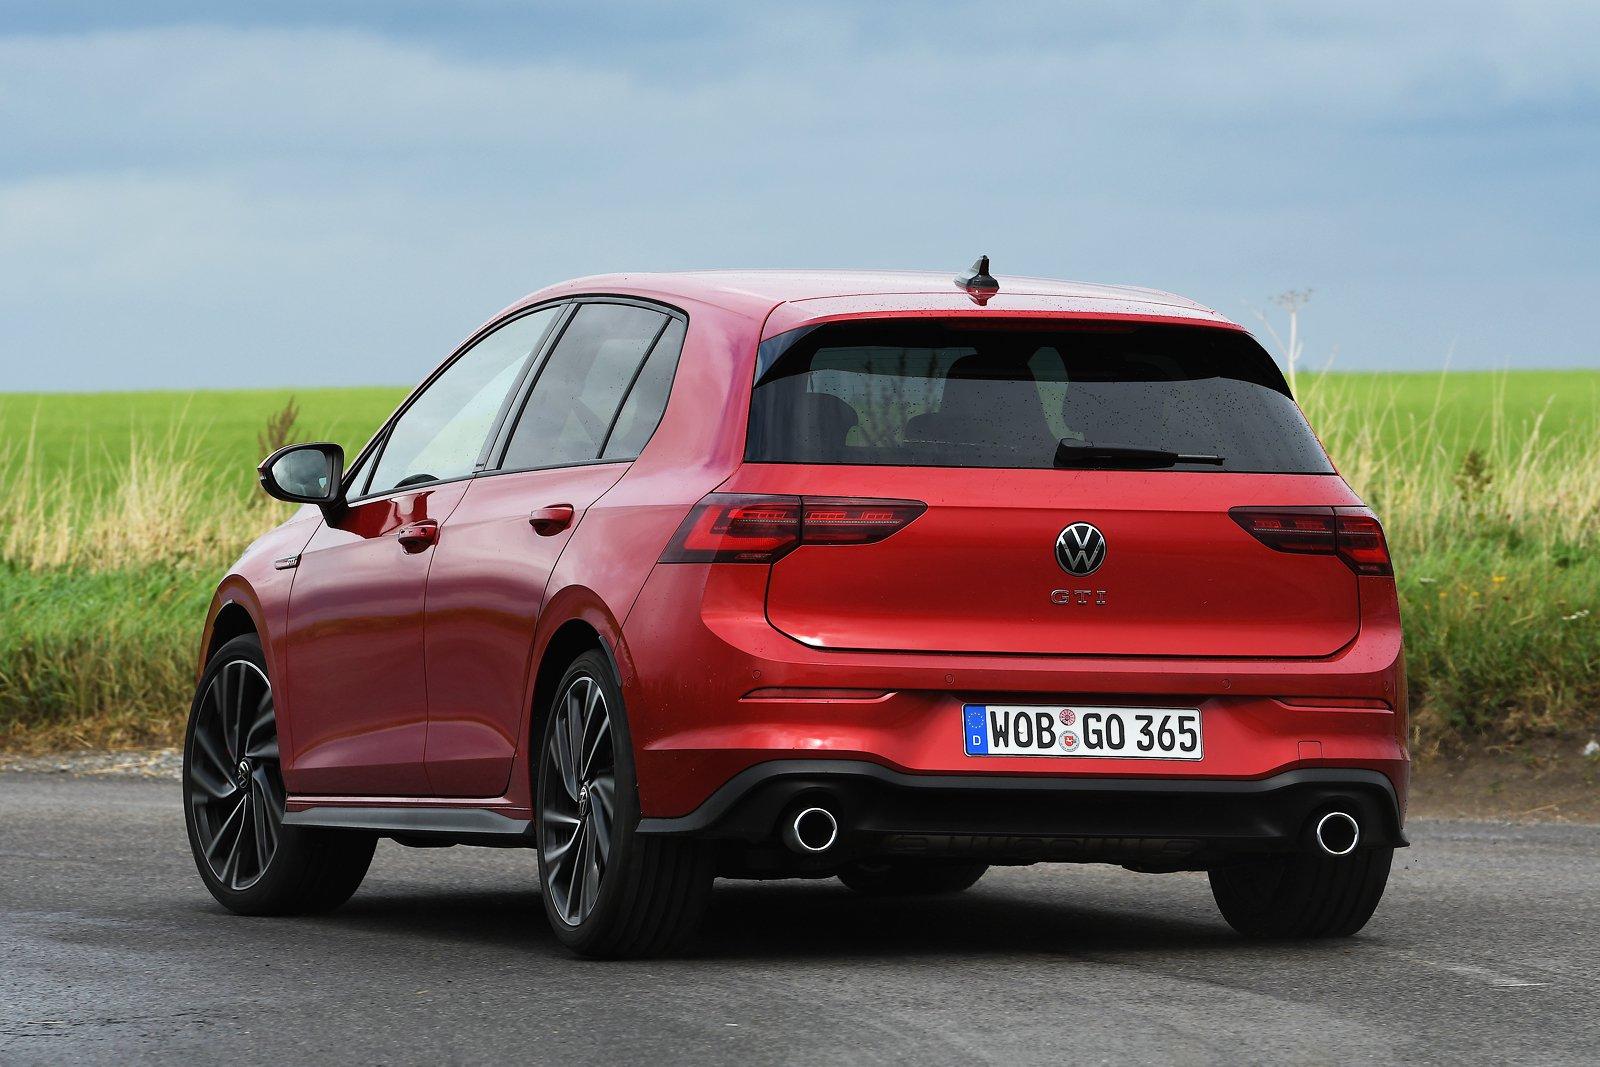 2020 Volkswagen GTI rear